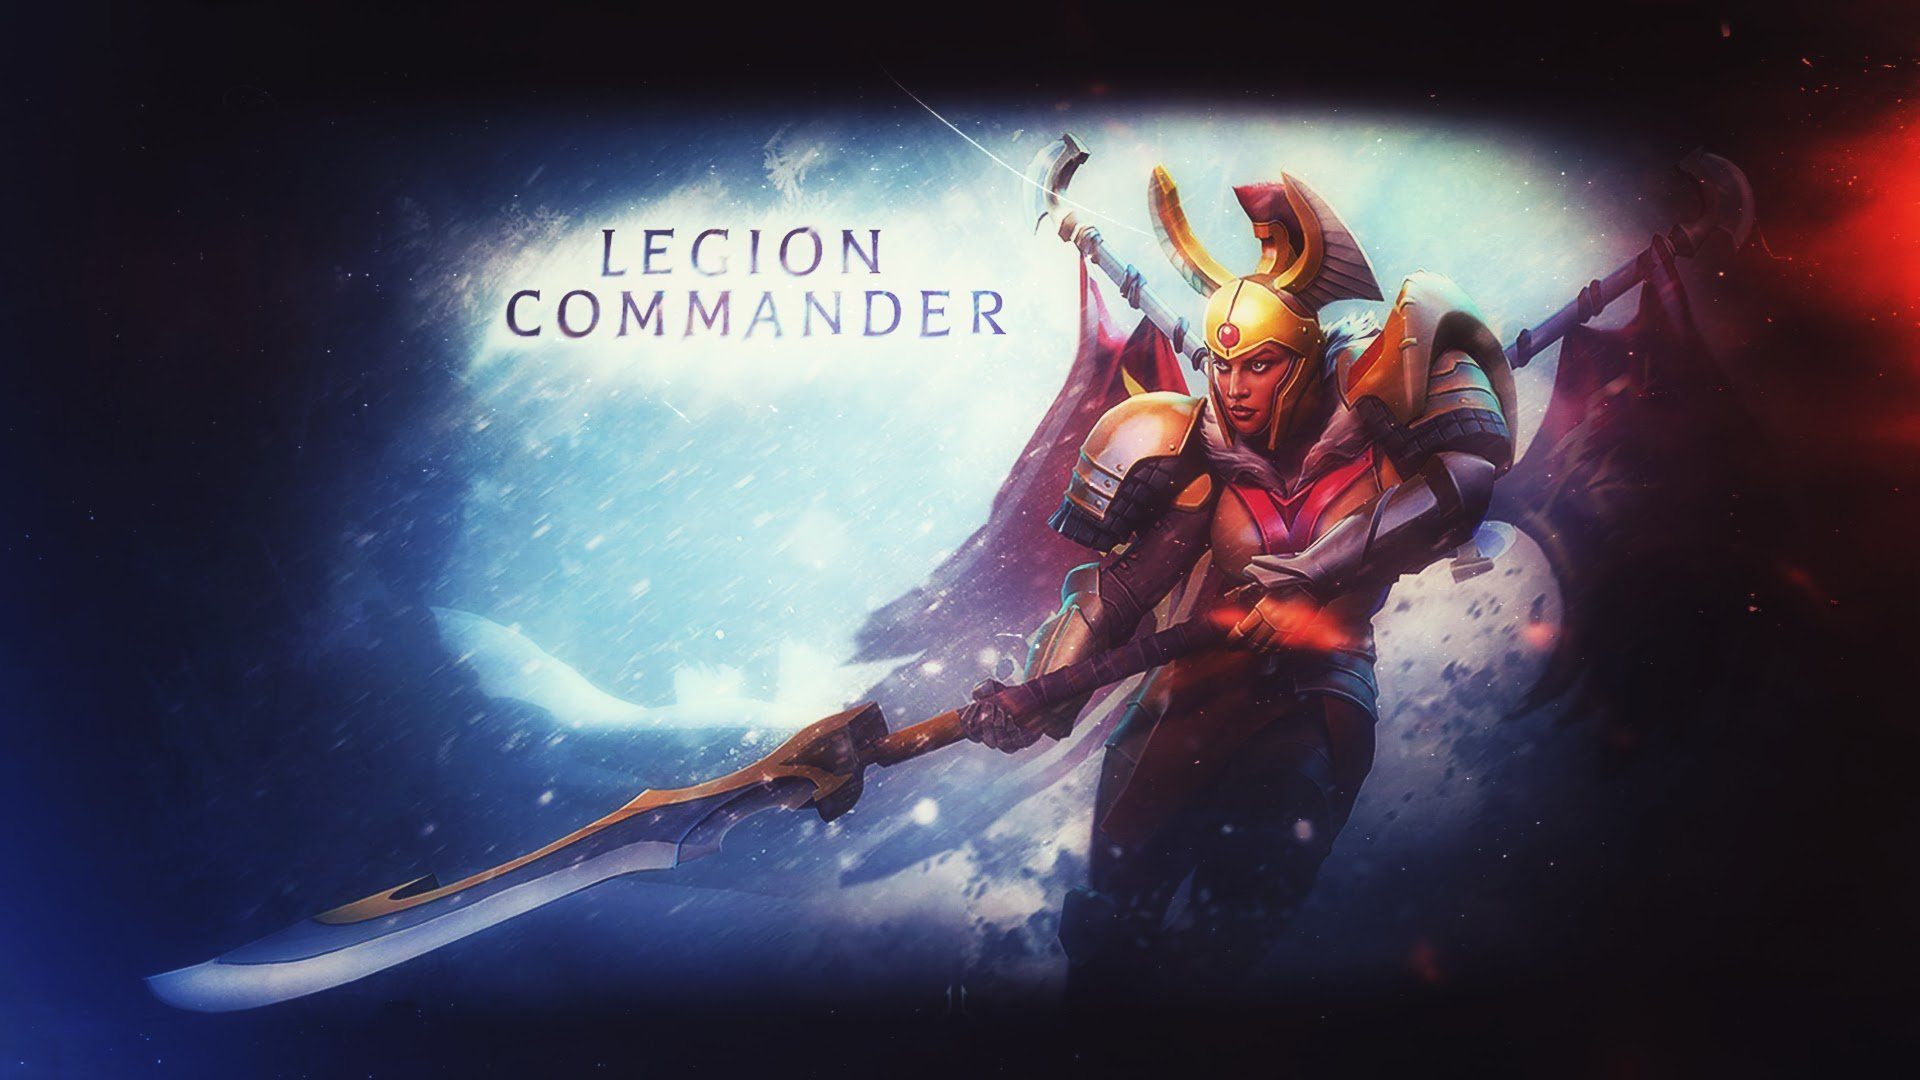 Legion Commander#Dota2 #Модный_фильтр PS: 1920x1080 - Изображение 1